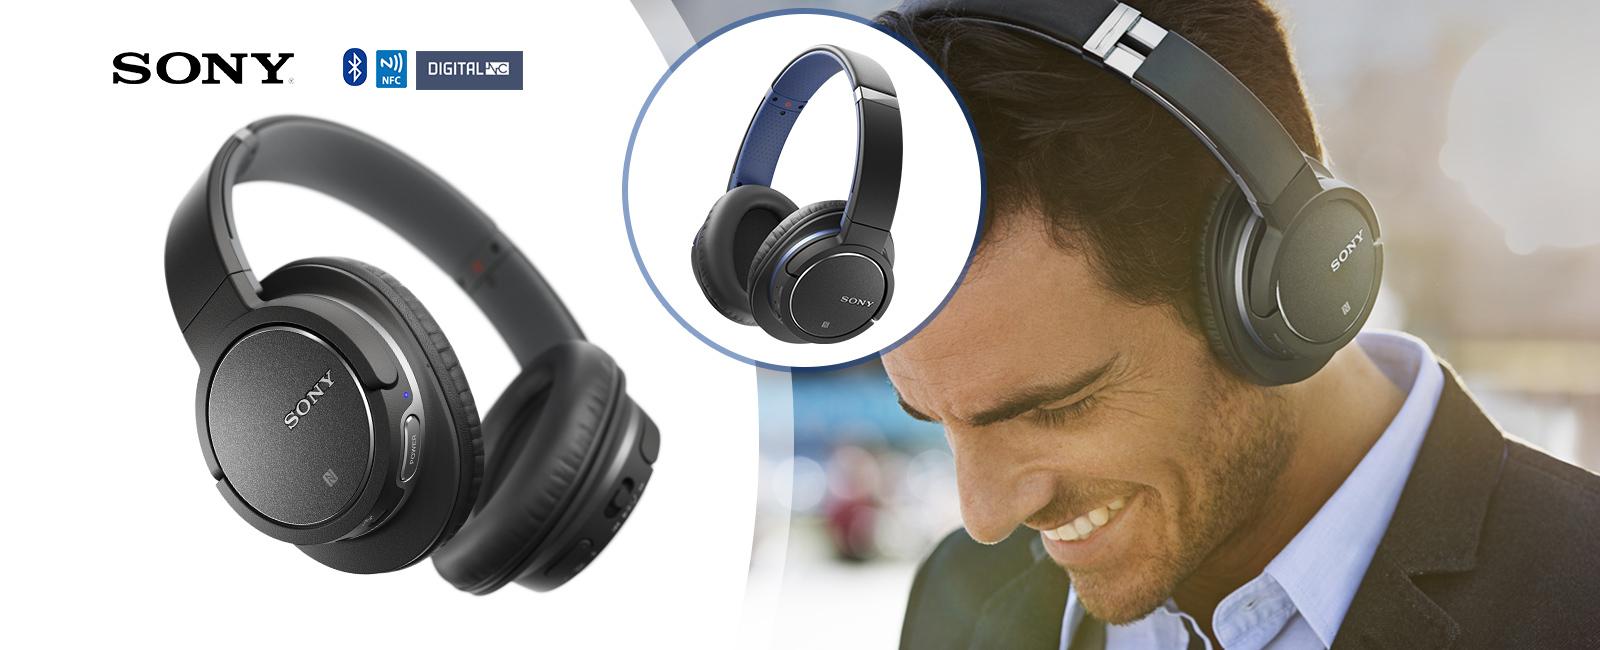 Qoqa Sony Casque Audio Bluetooth Et Antibruit